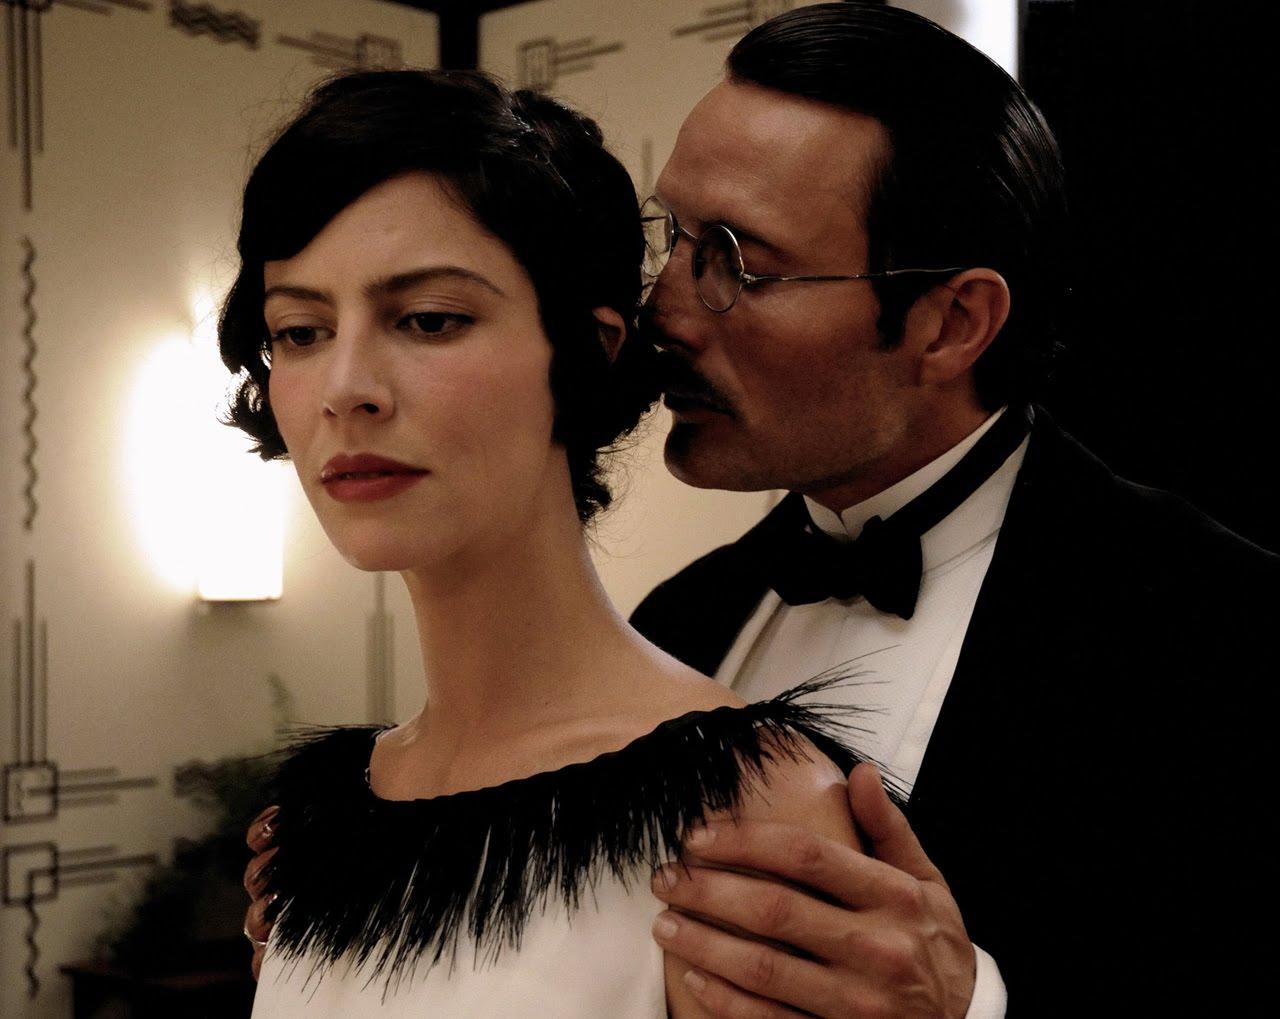 3438273a4d8 Bons motivos para assistir o filme Coco Chanel   Igor Stravinsky